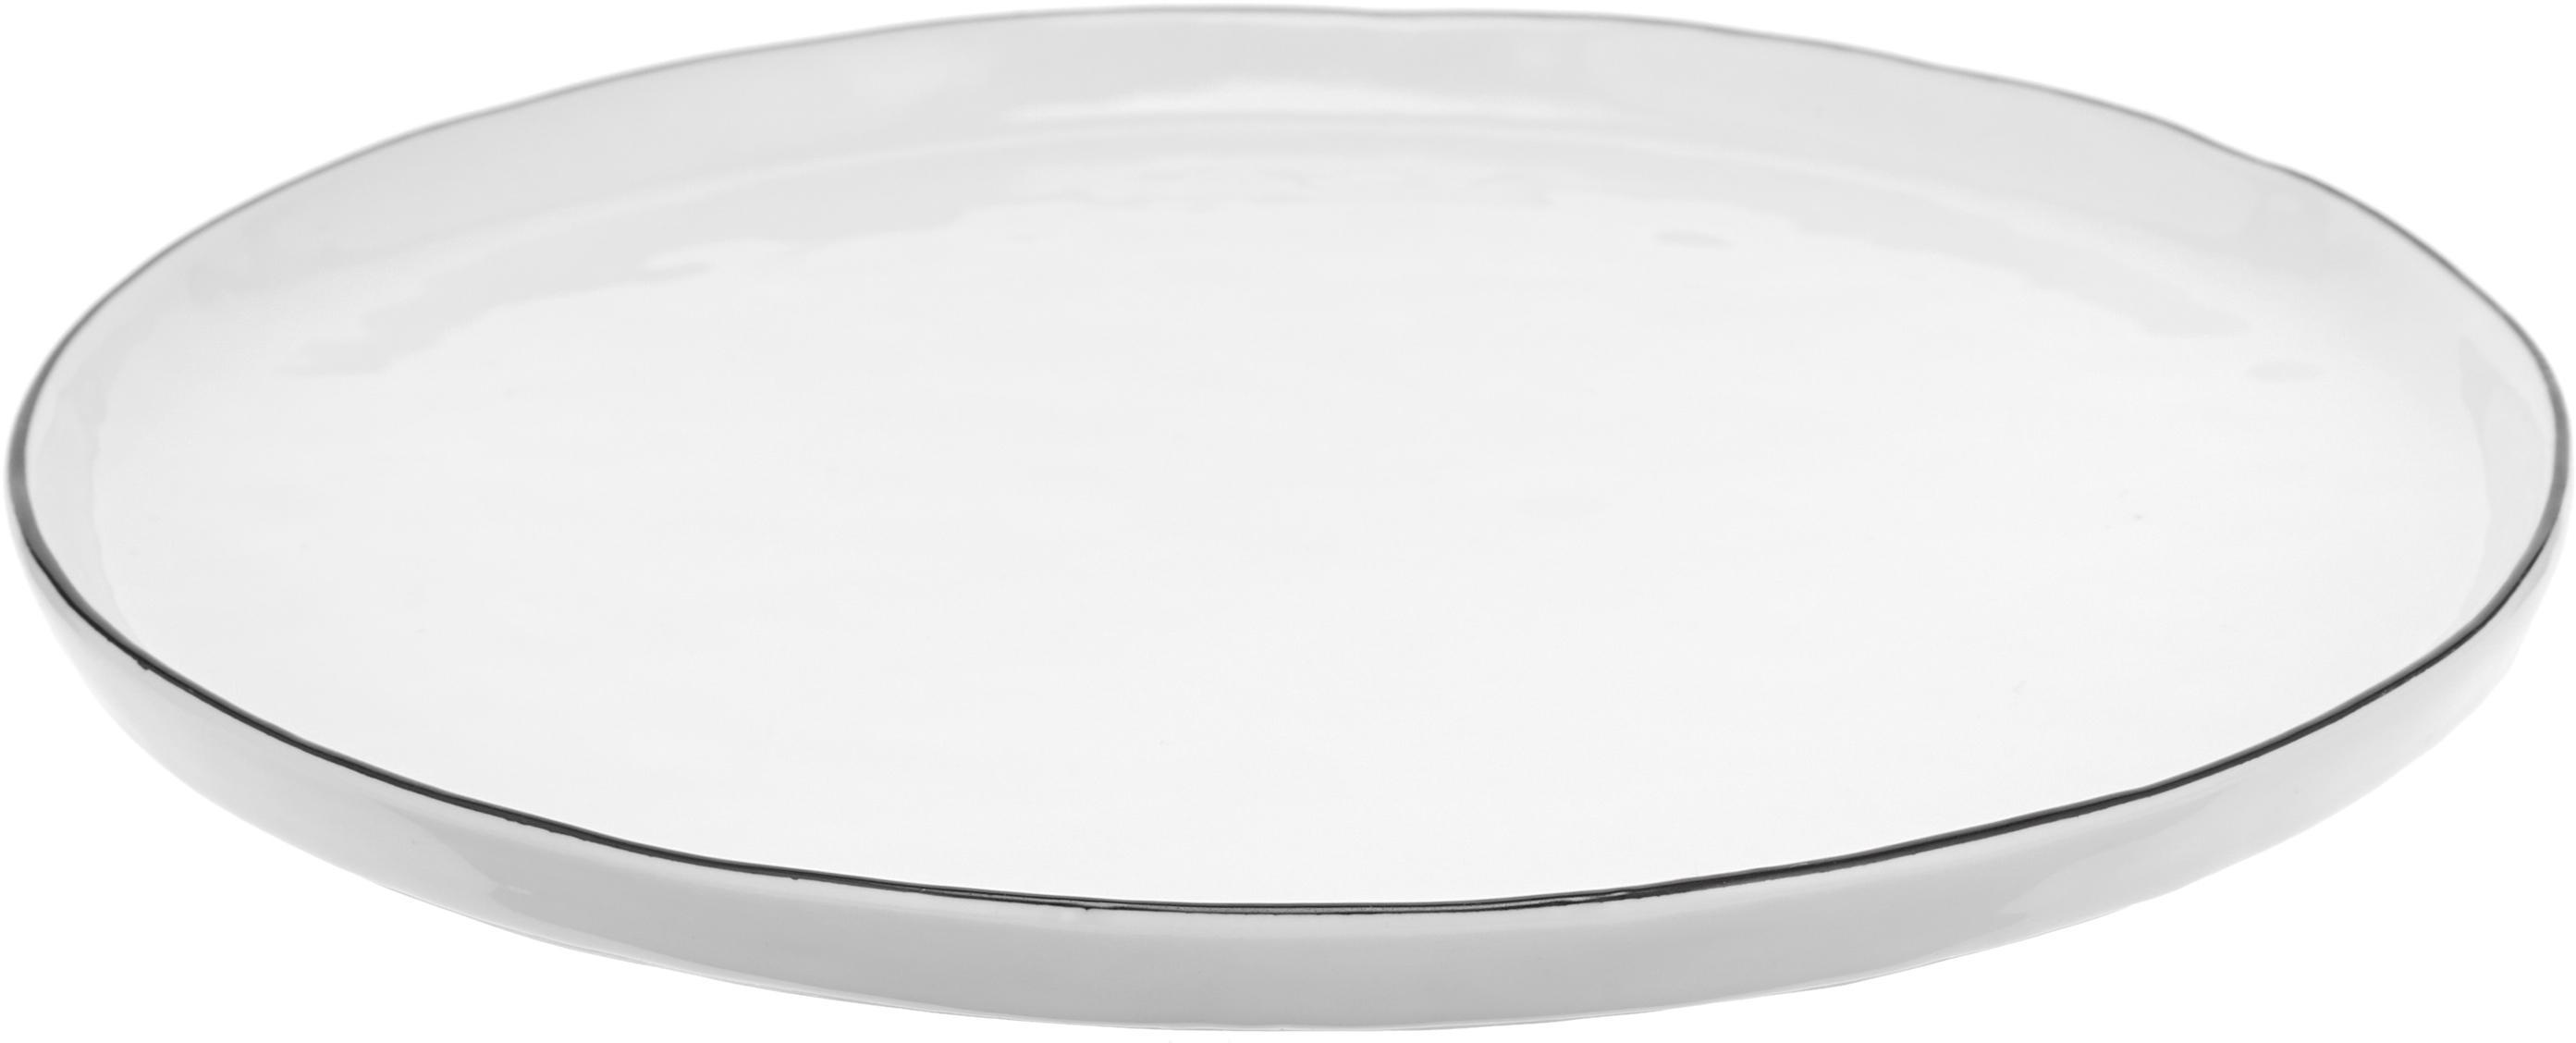 Piatto da colazione fatto a mano Salt 4 pz, Porcellana, Bianco latteo, nero, Ø 22 cm